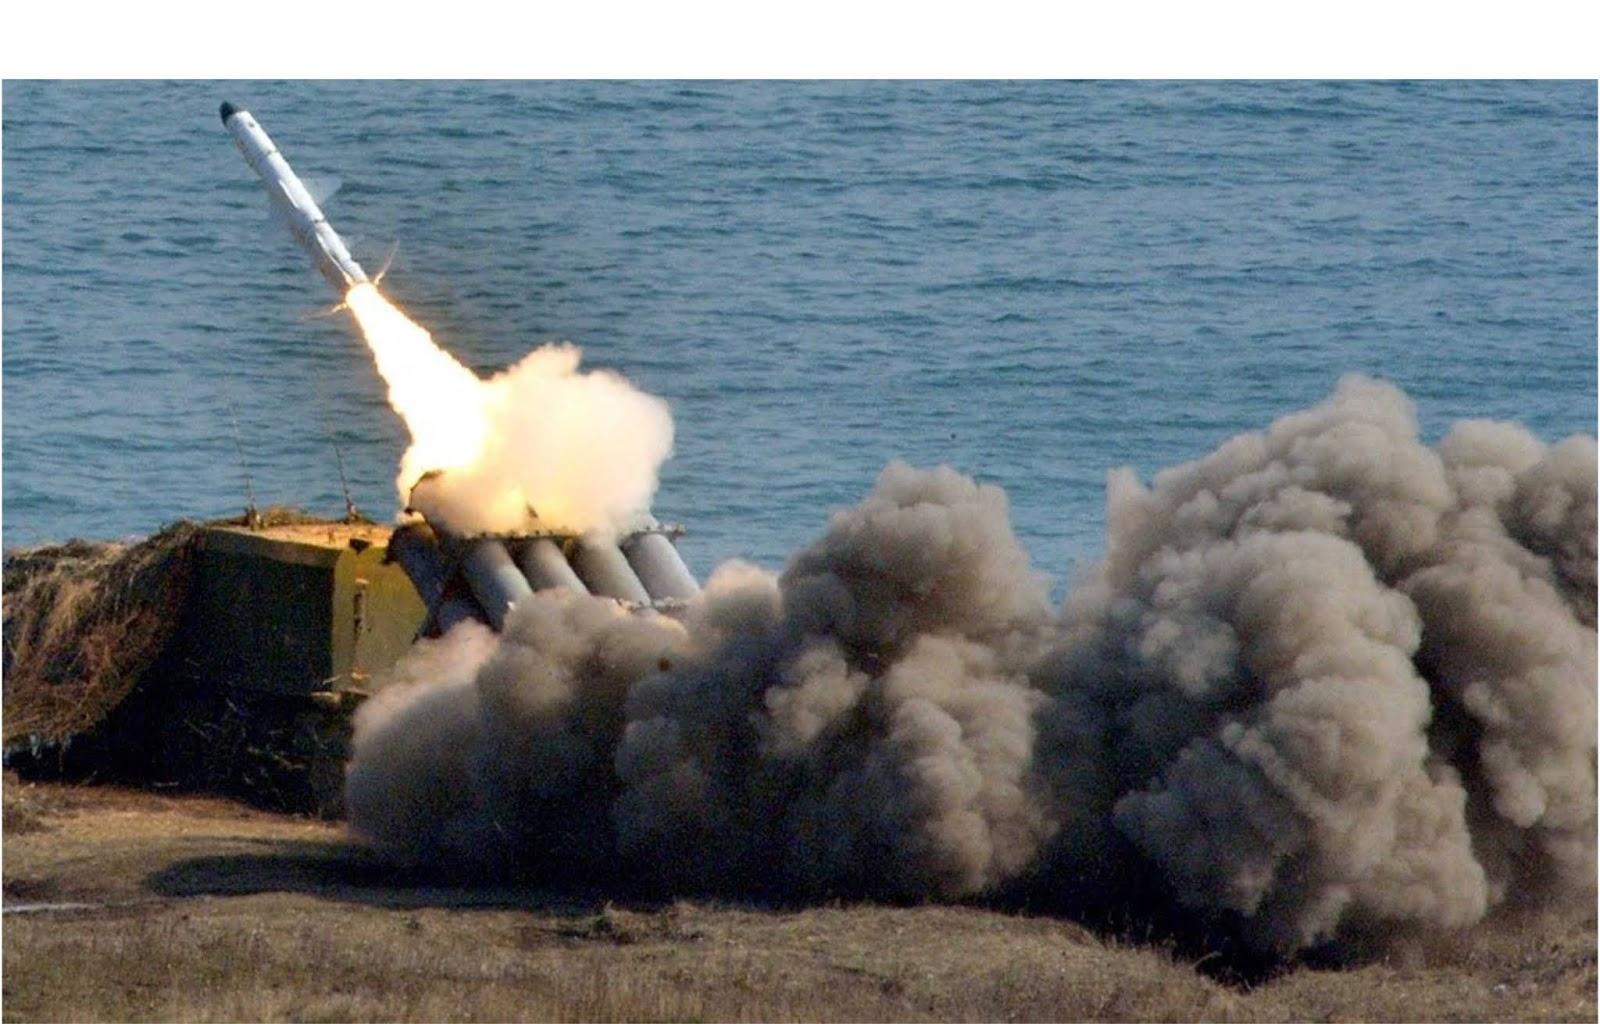 Komplek rudal pesisir Bal Rusia dibandingkan dengan Harpoon Amerika